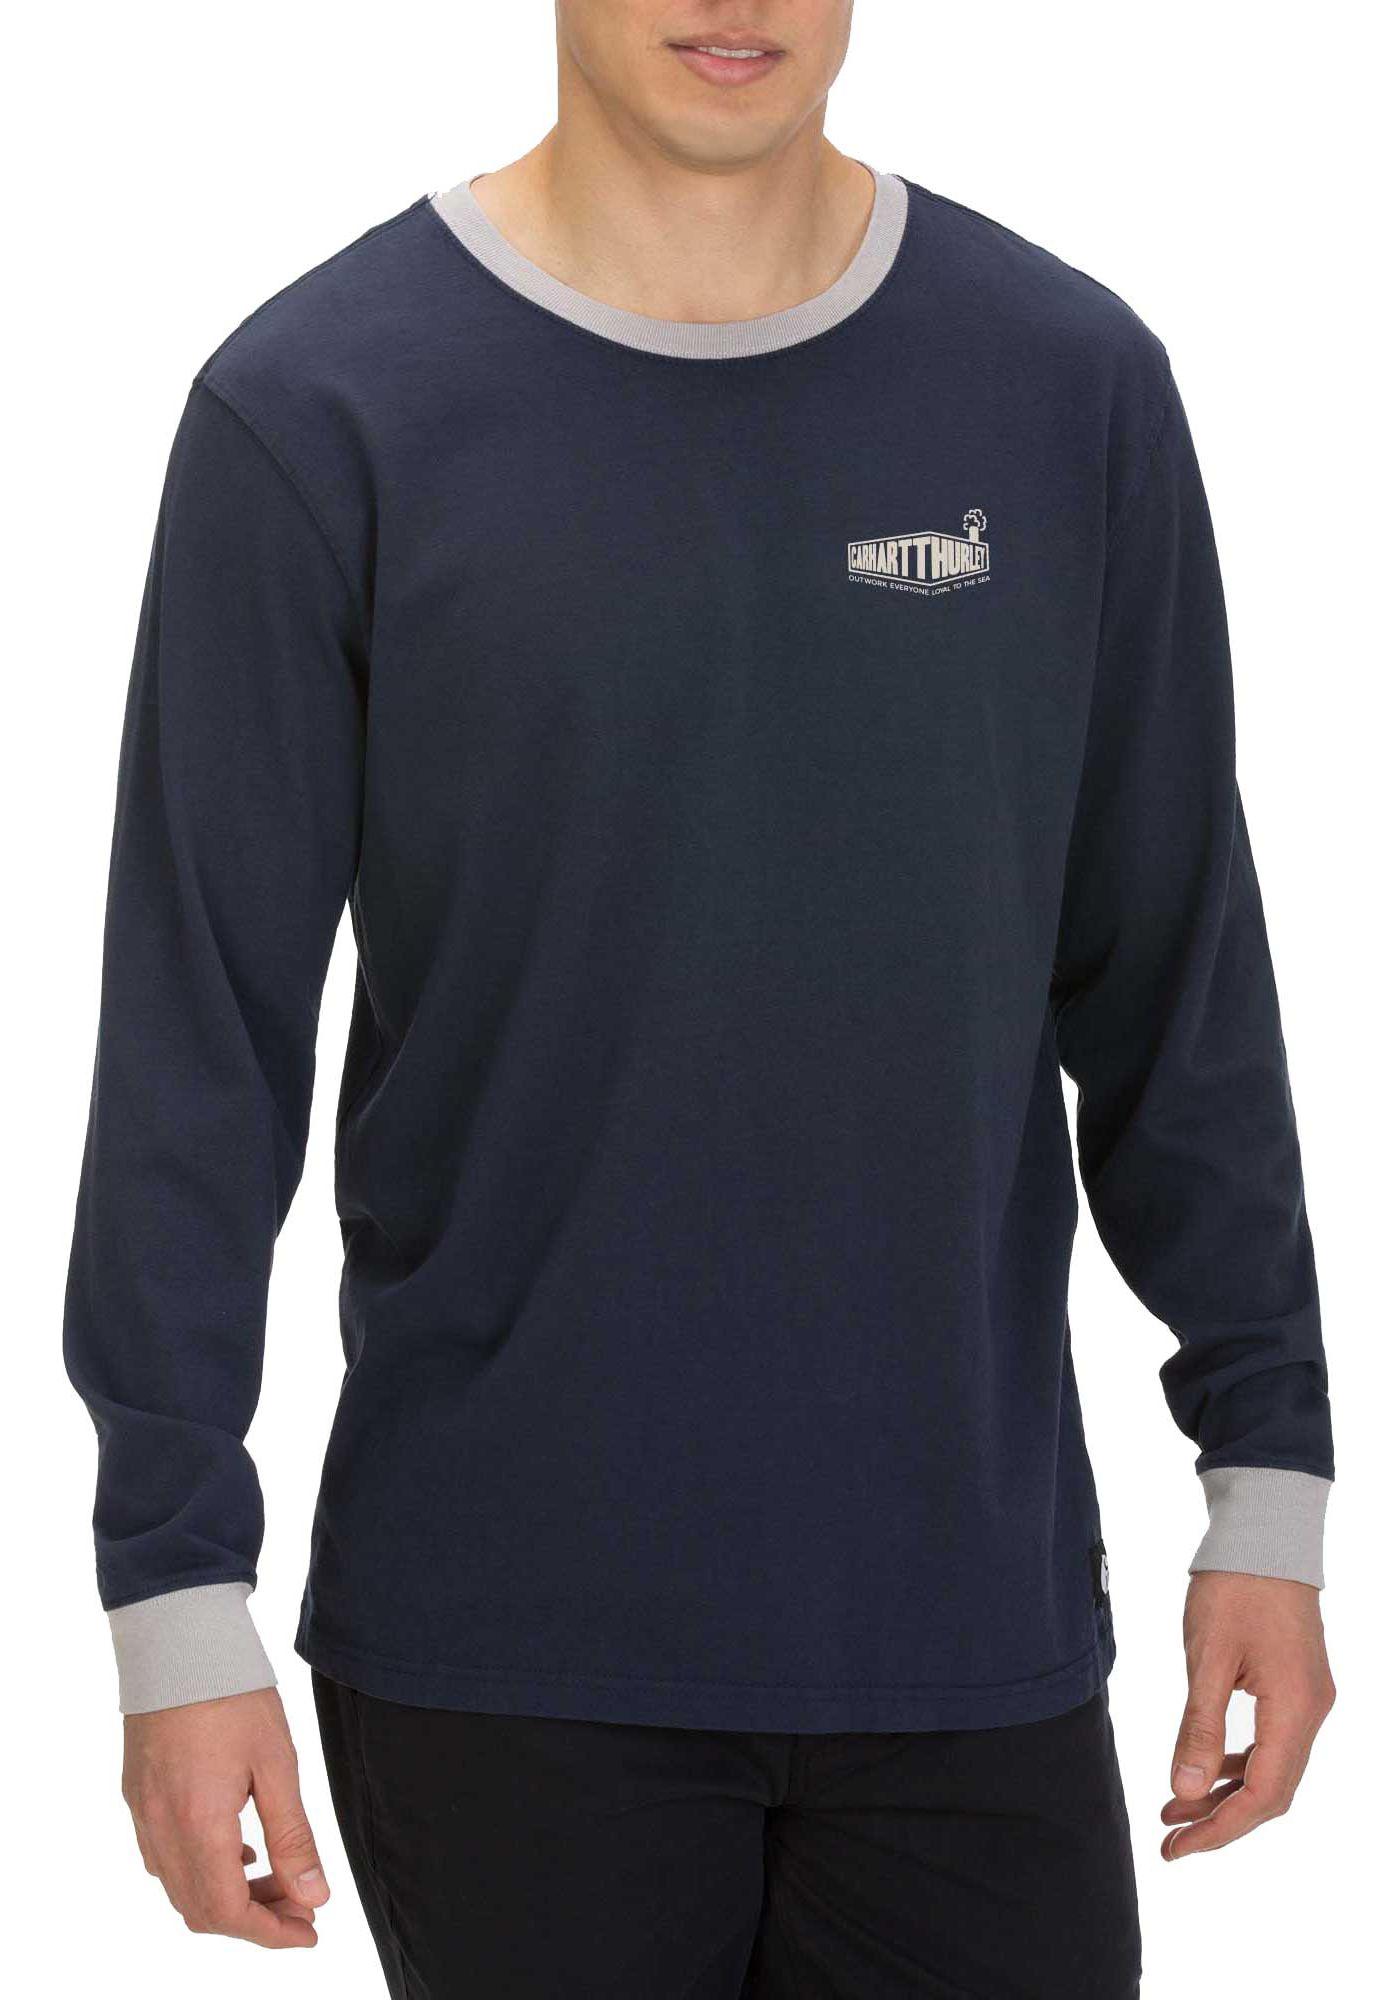 Hurley Men's Carhartt Ringer Long Sleeve T-Shirt